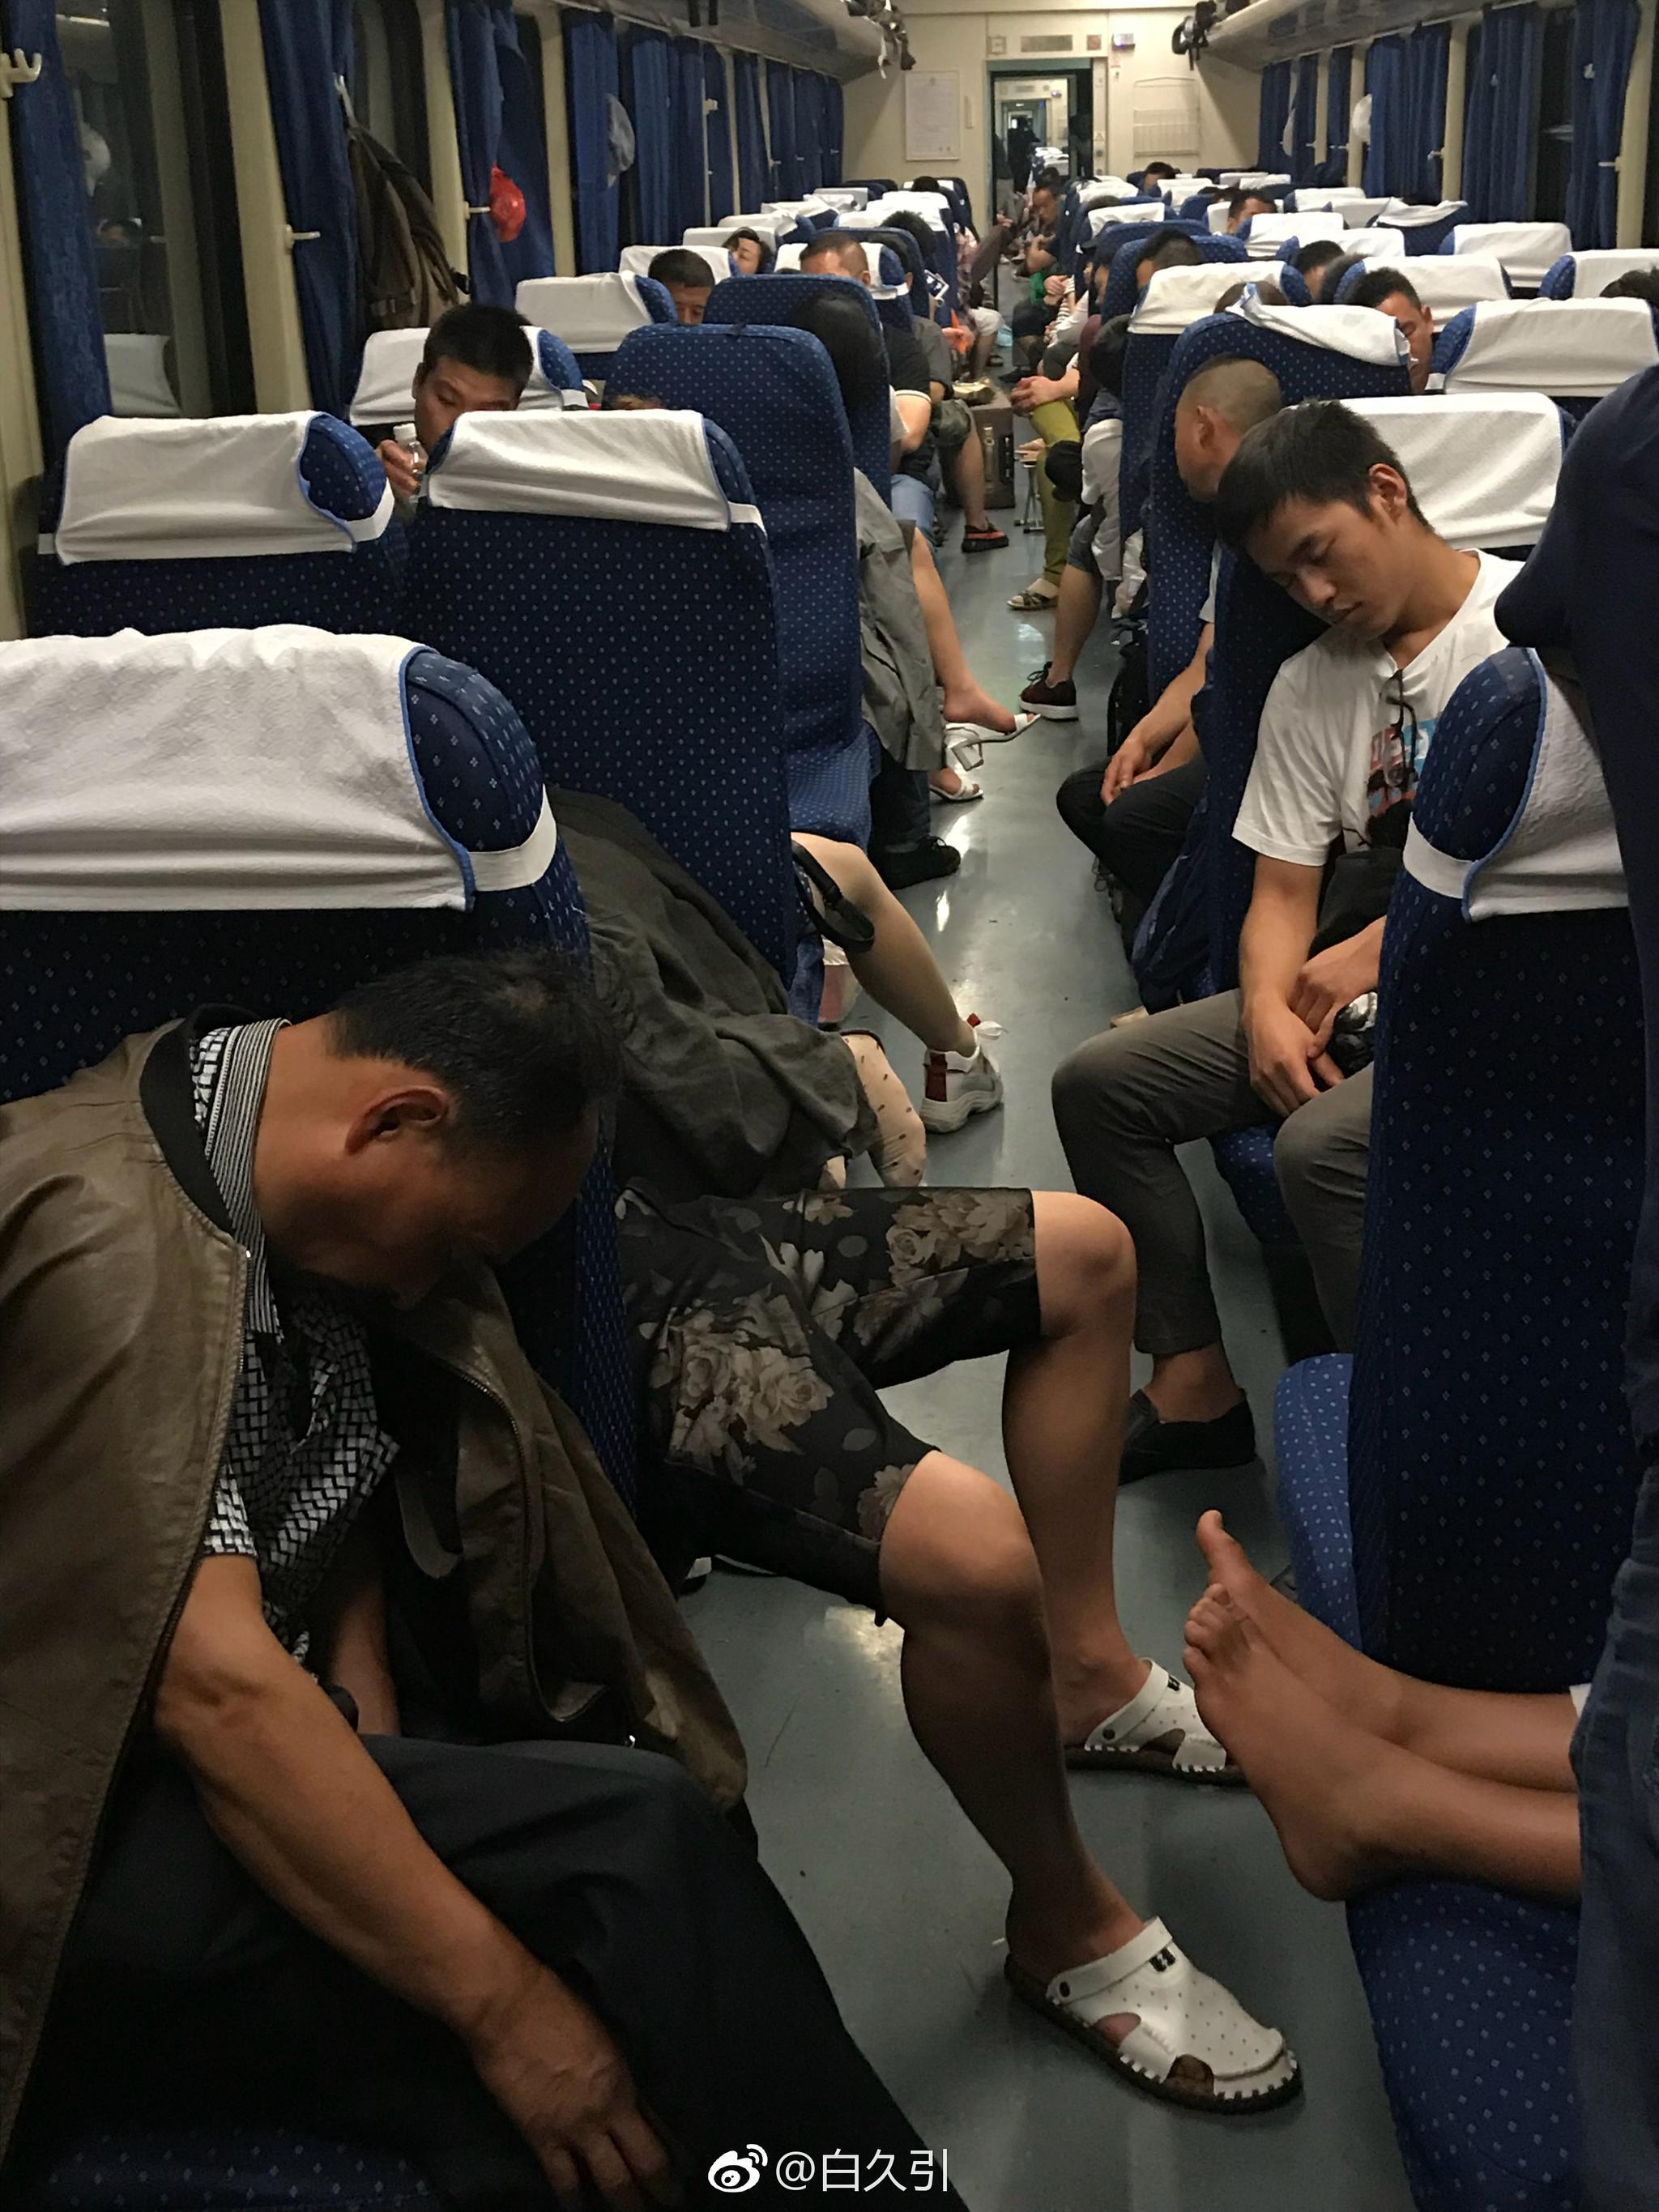 翻了翻之前在长途火车上拍的照片 所有旅客朋友们都像